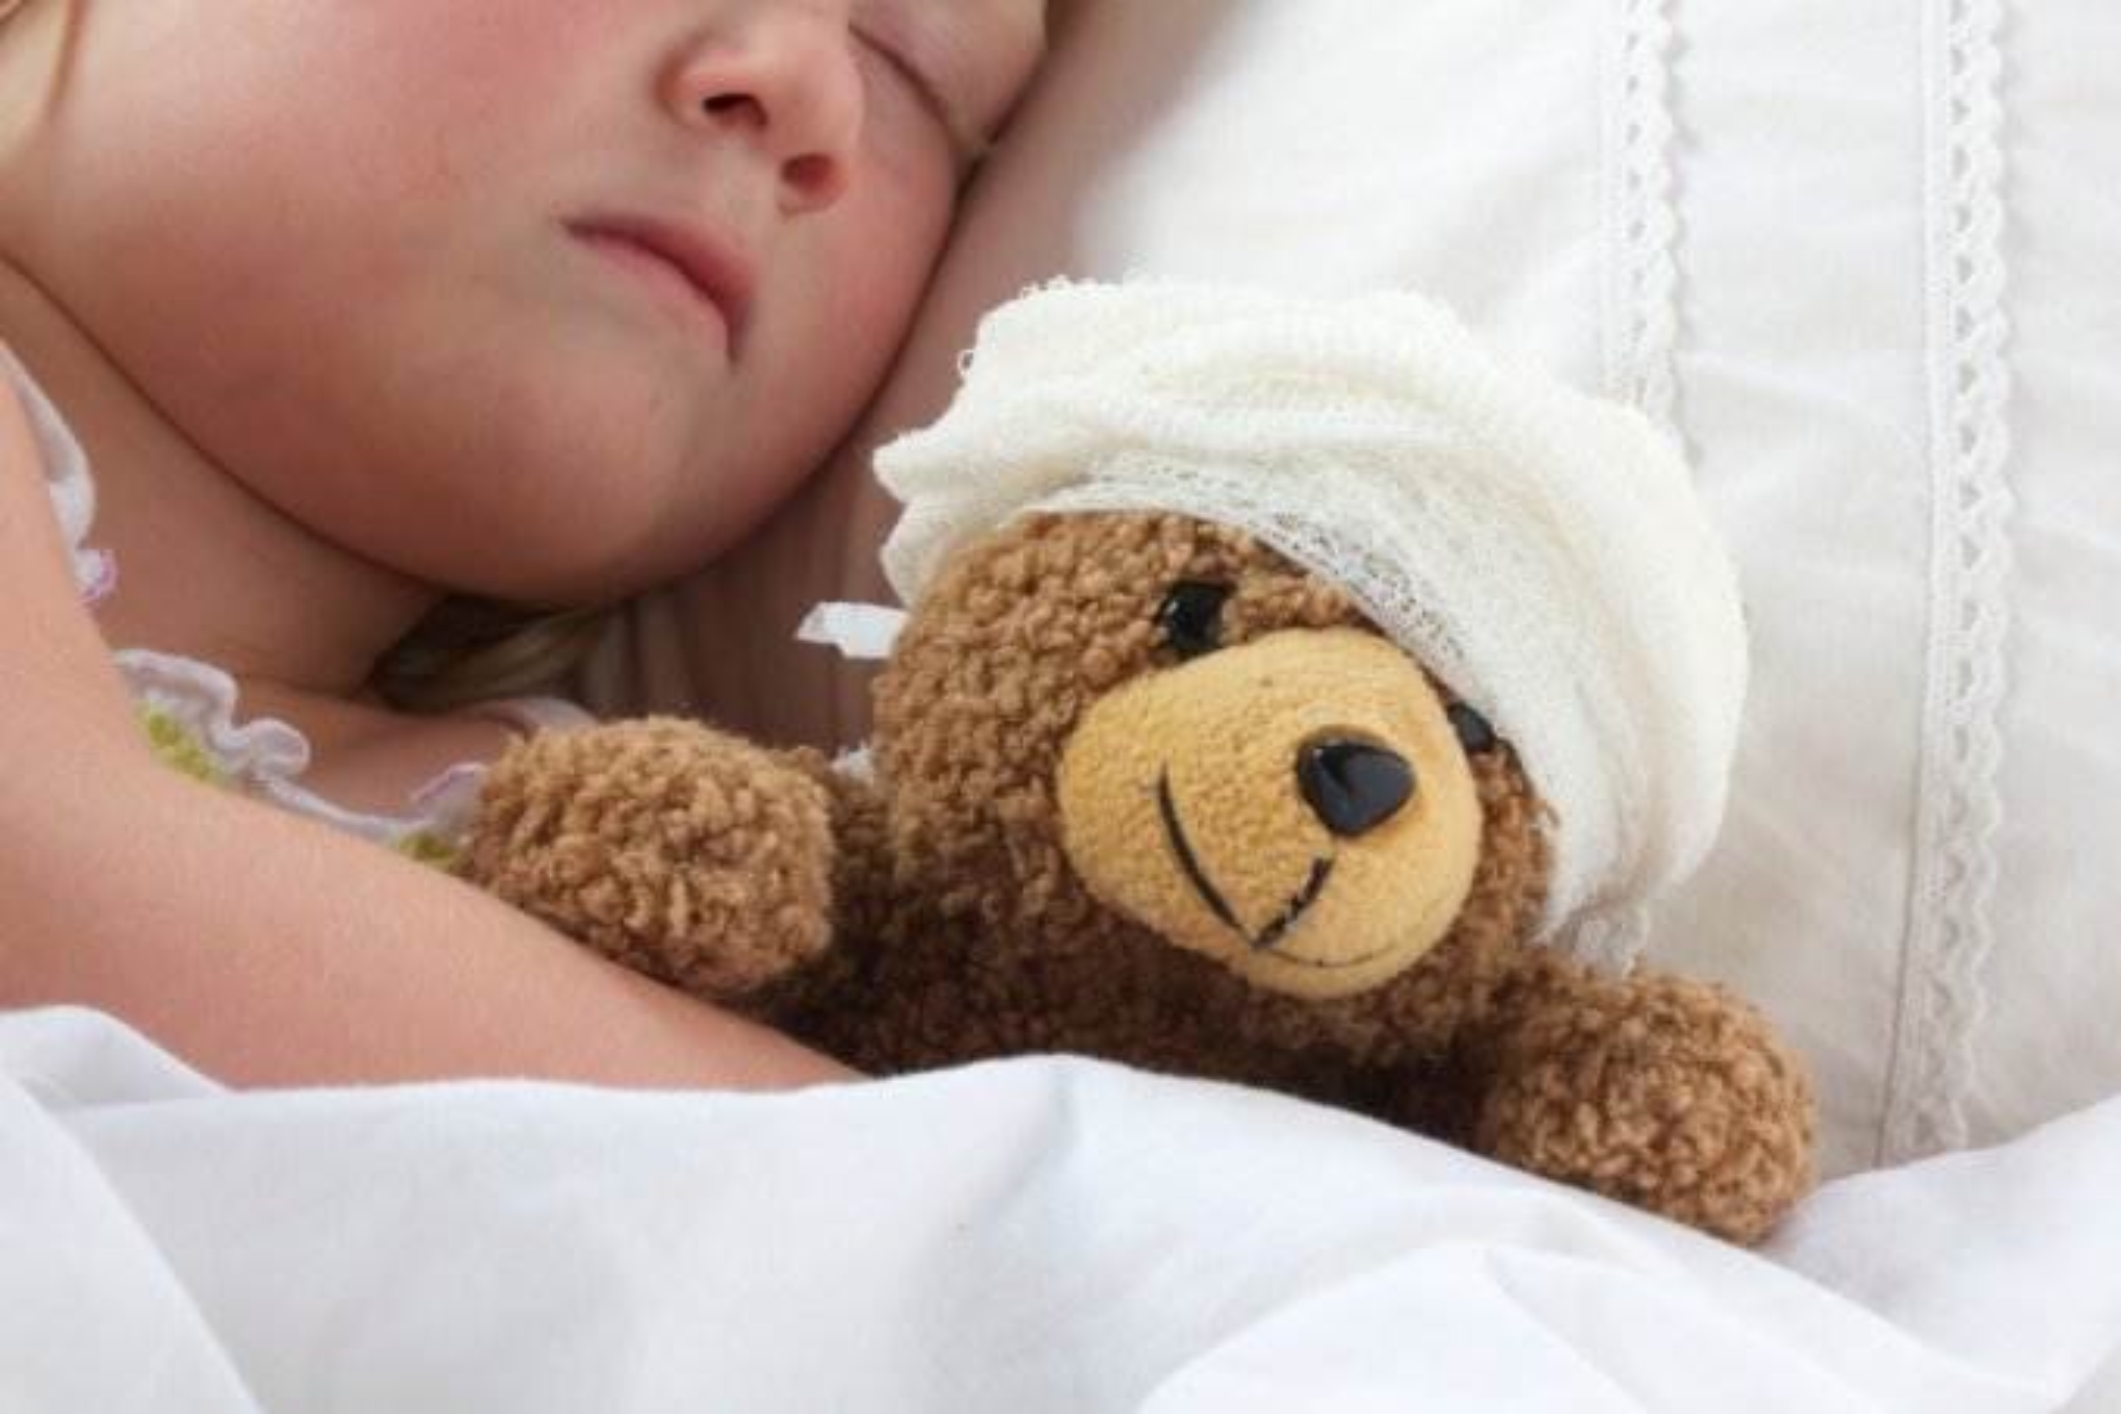 Bebê dormindo abraçado com urso em hospital